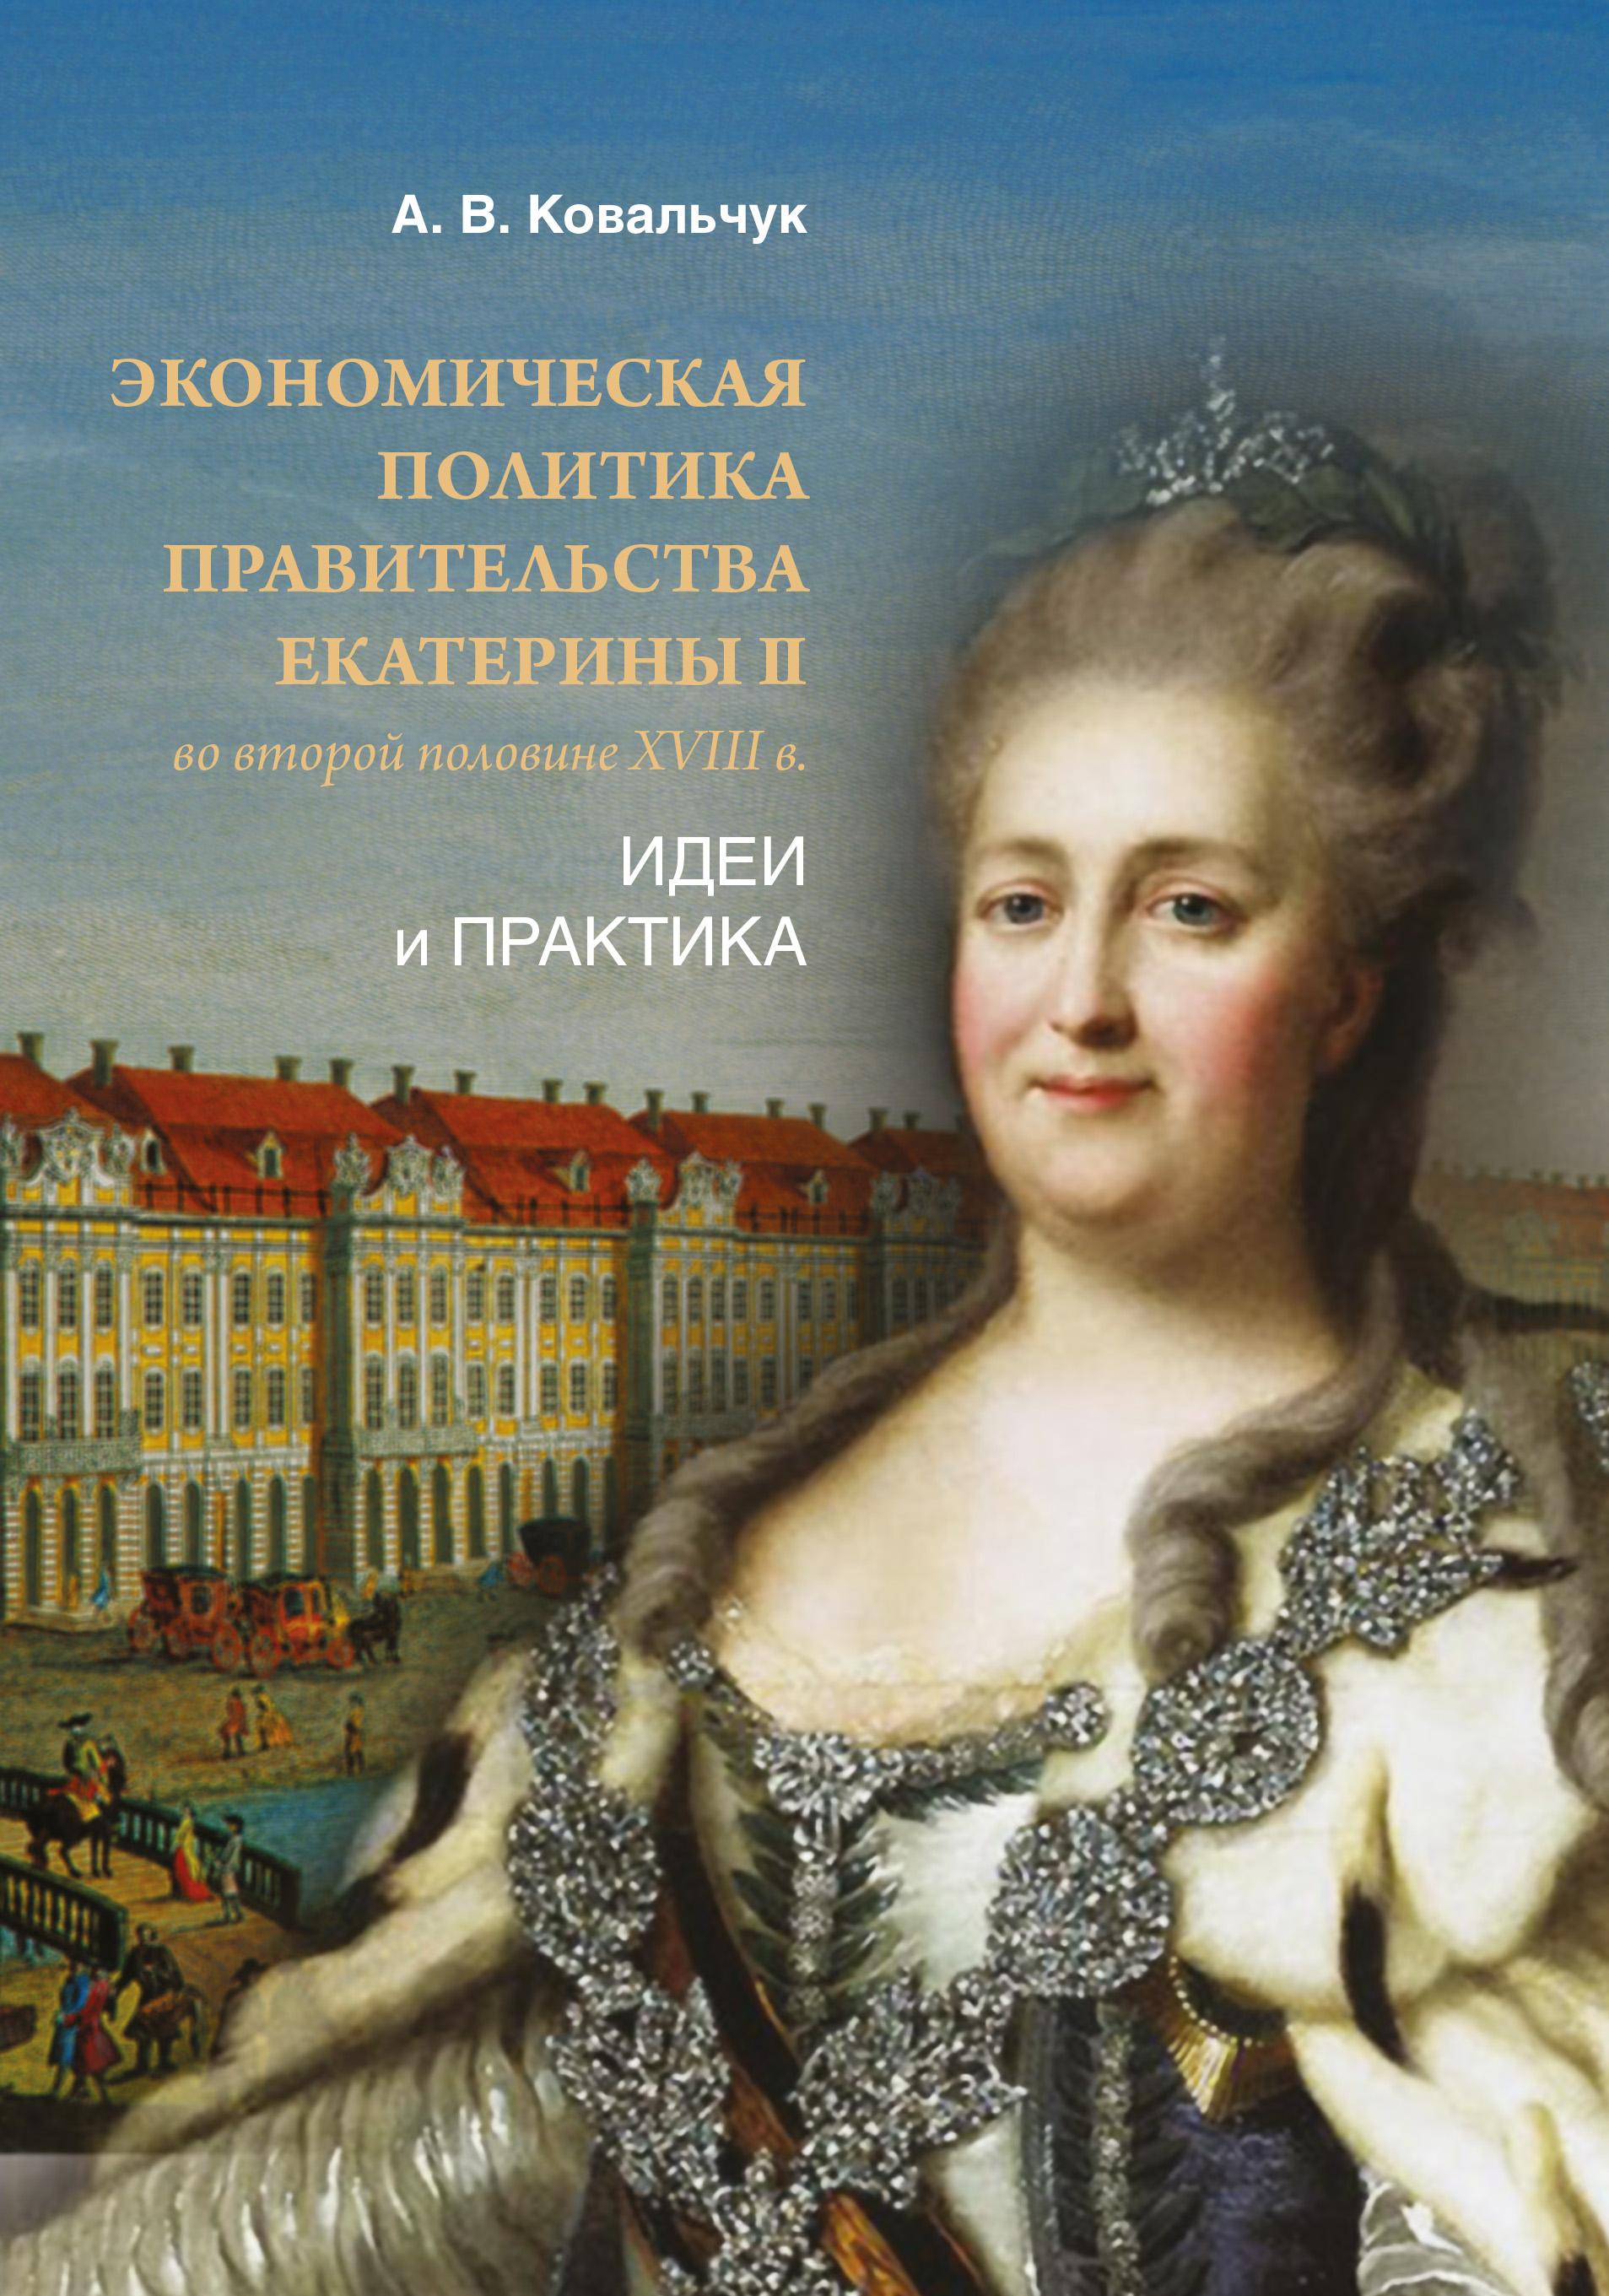 Обложка книги Экономическая политика правительства Екатерины II во второй половине XVIII в. Идеи и практика